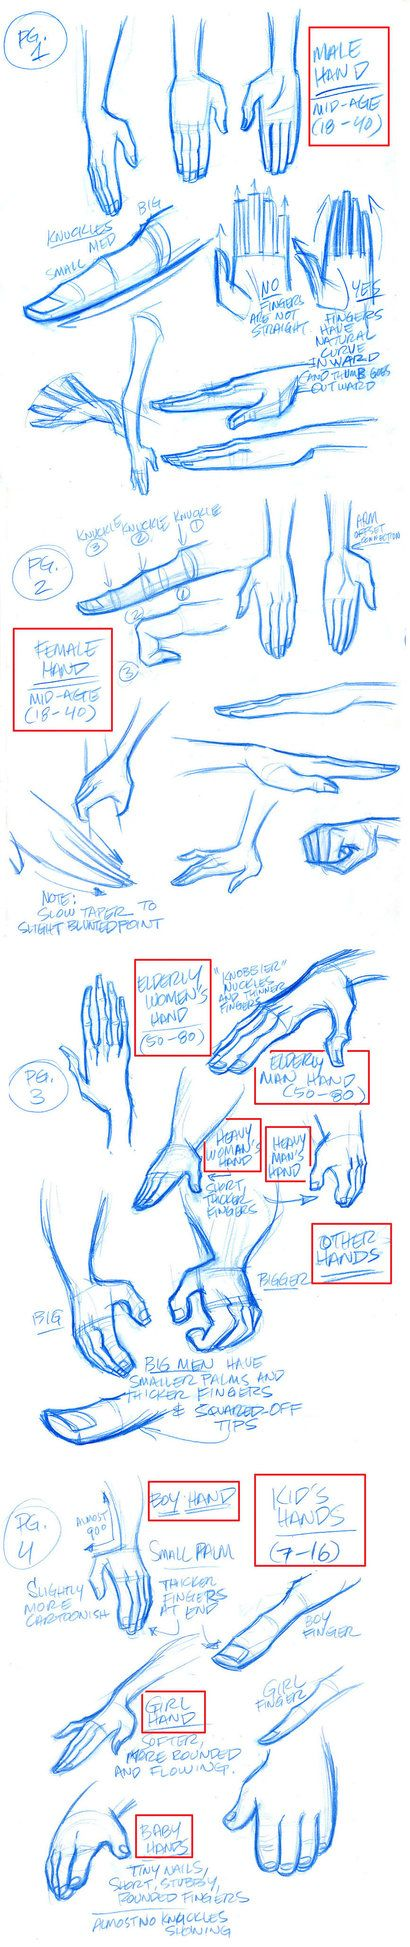 Stylized Hands model sheets by tombancroft on deviantART